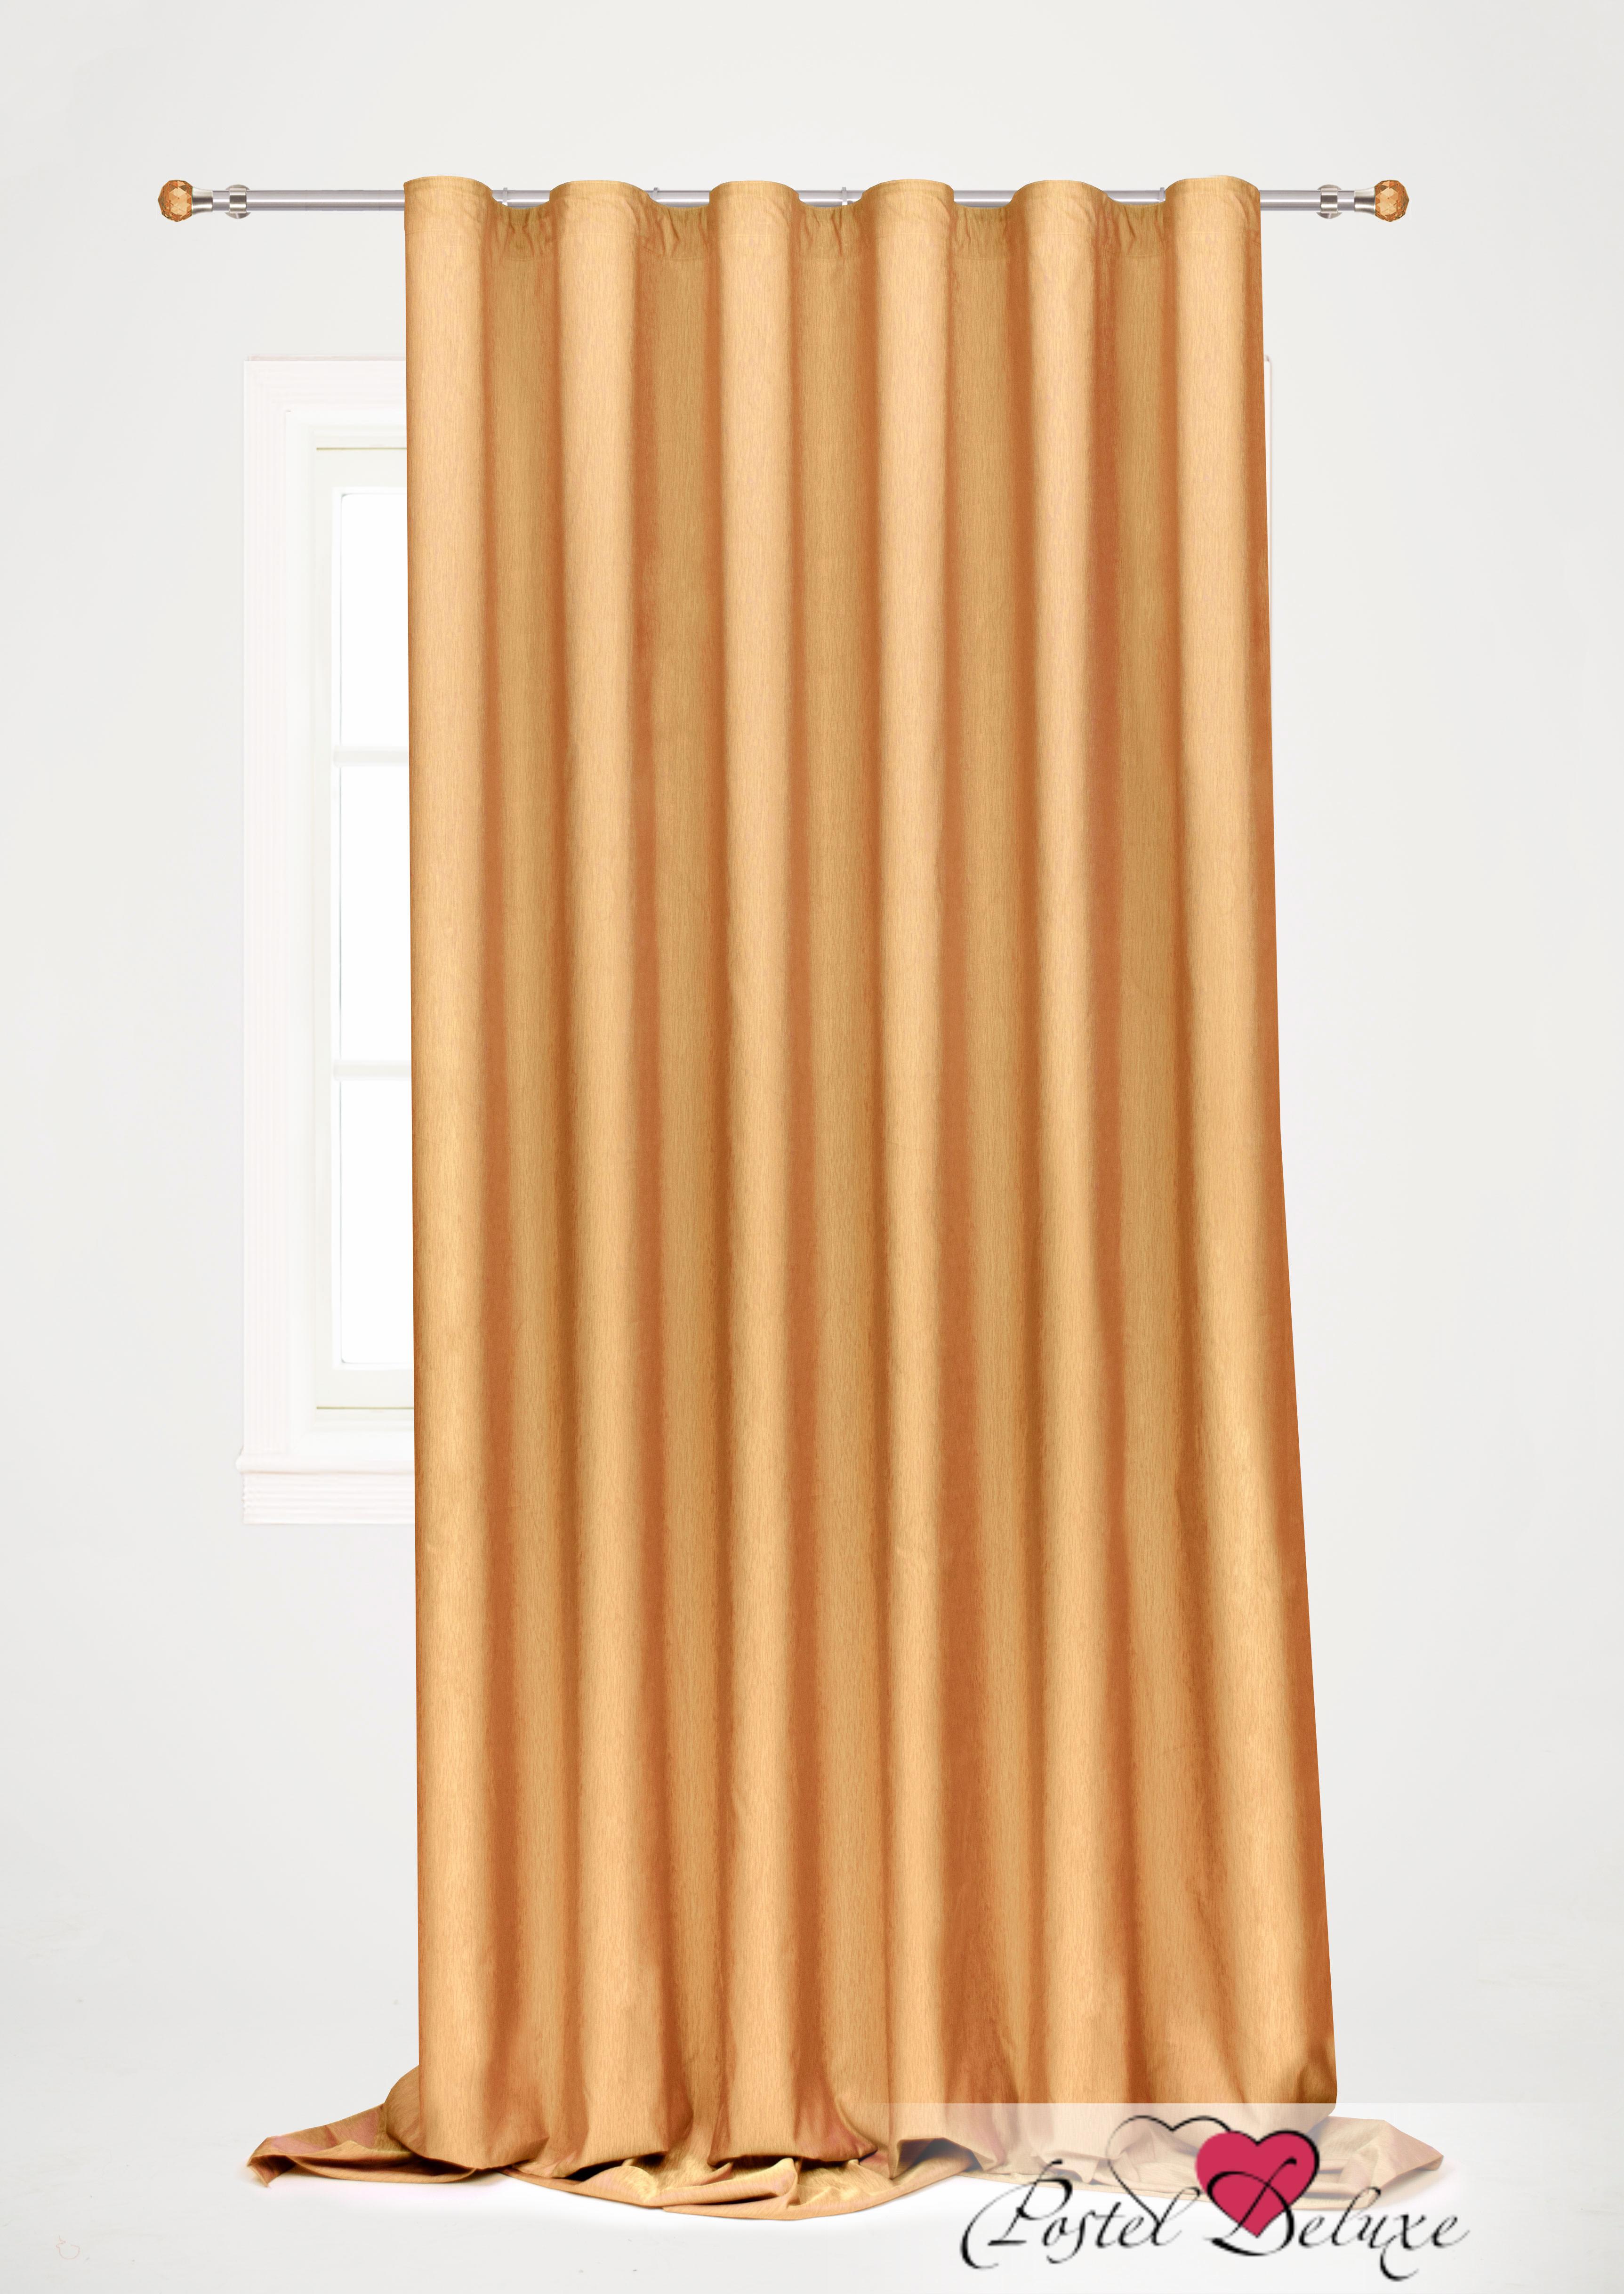 Шторы Garden Классические шторы Хамелеон Цвет: Коричневый шторы tac классические шторы winx цвет персиковый 200x265 см